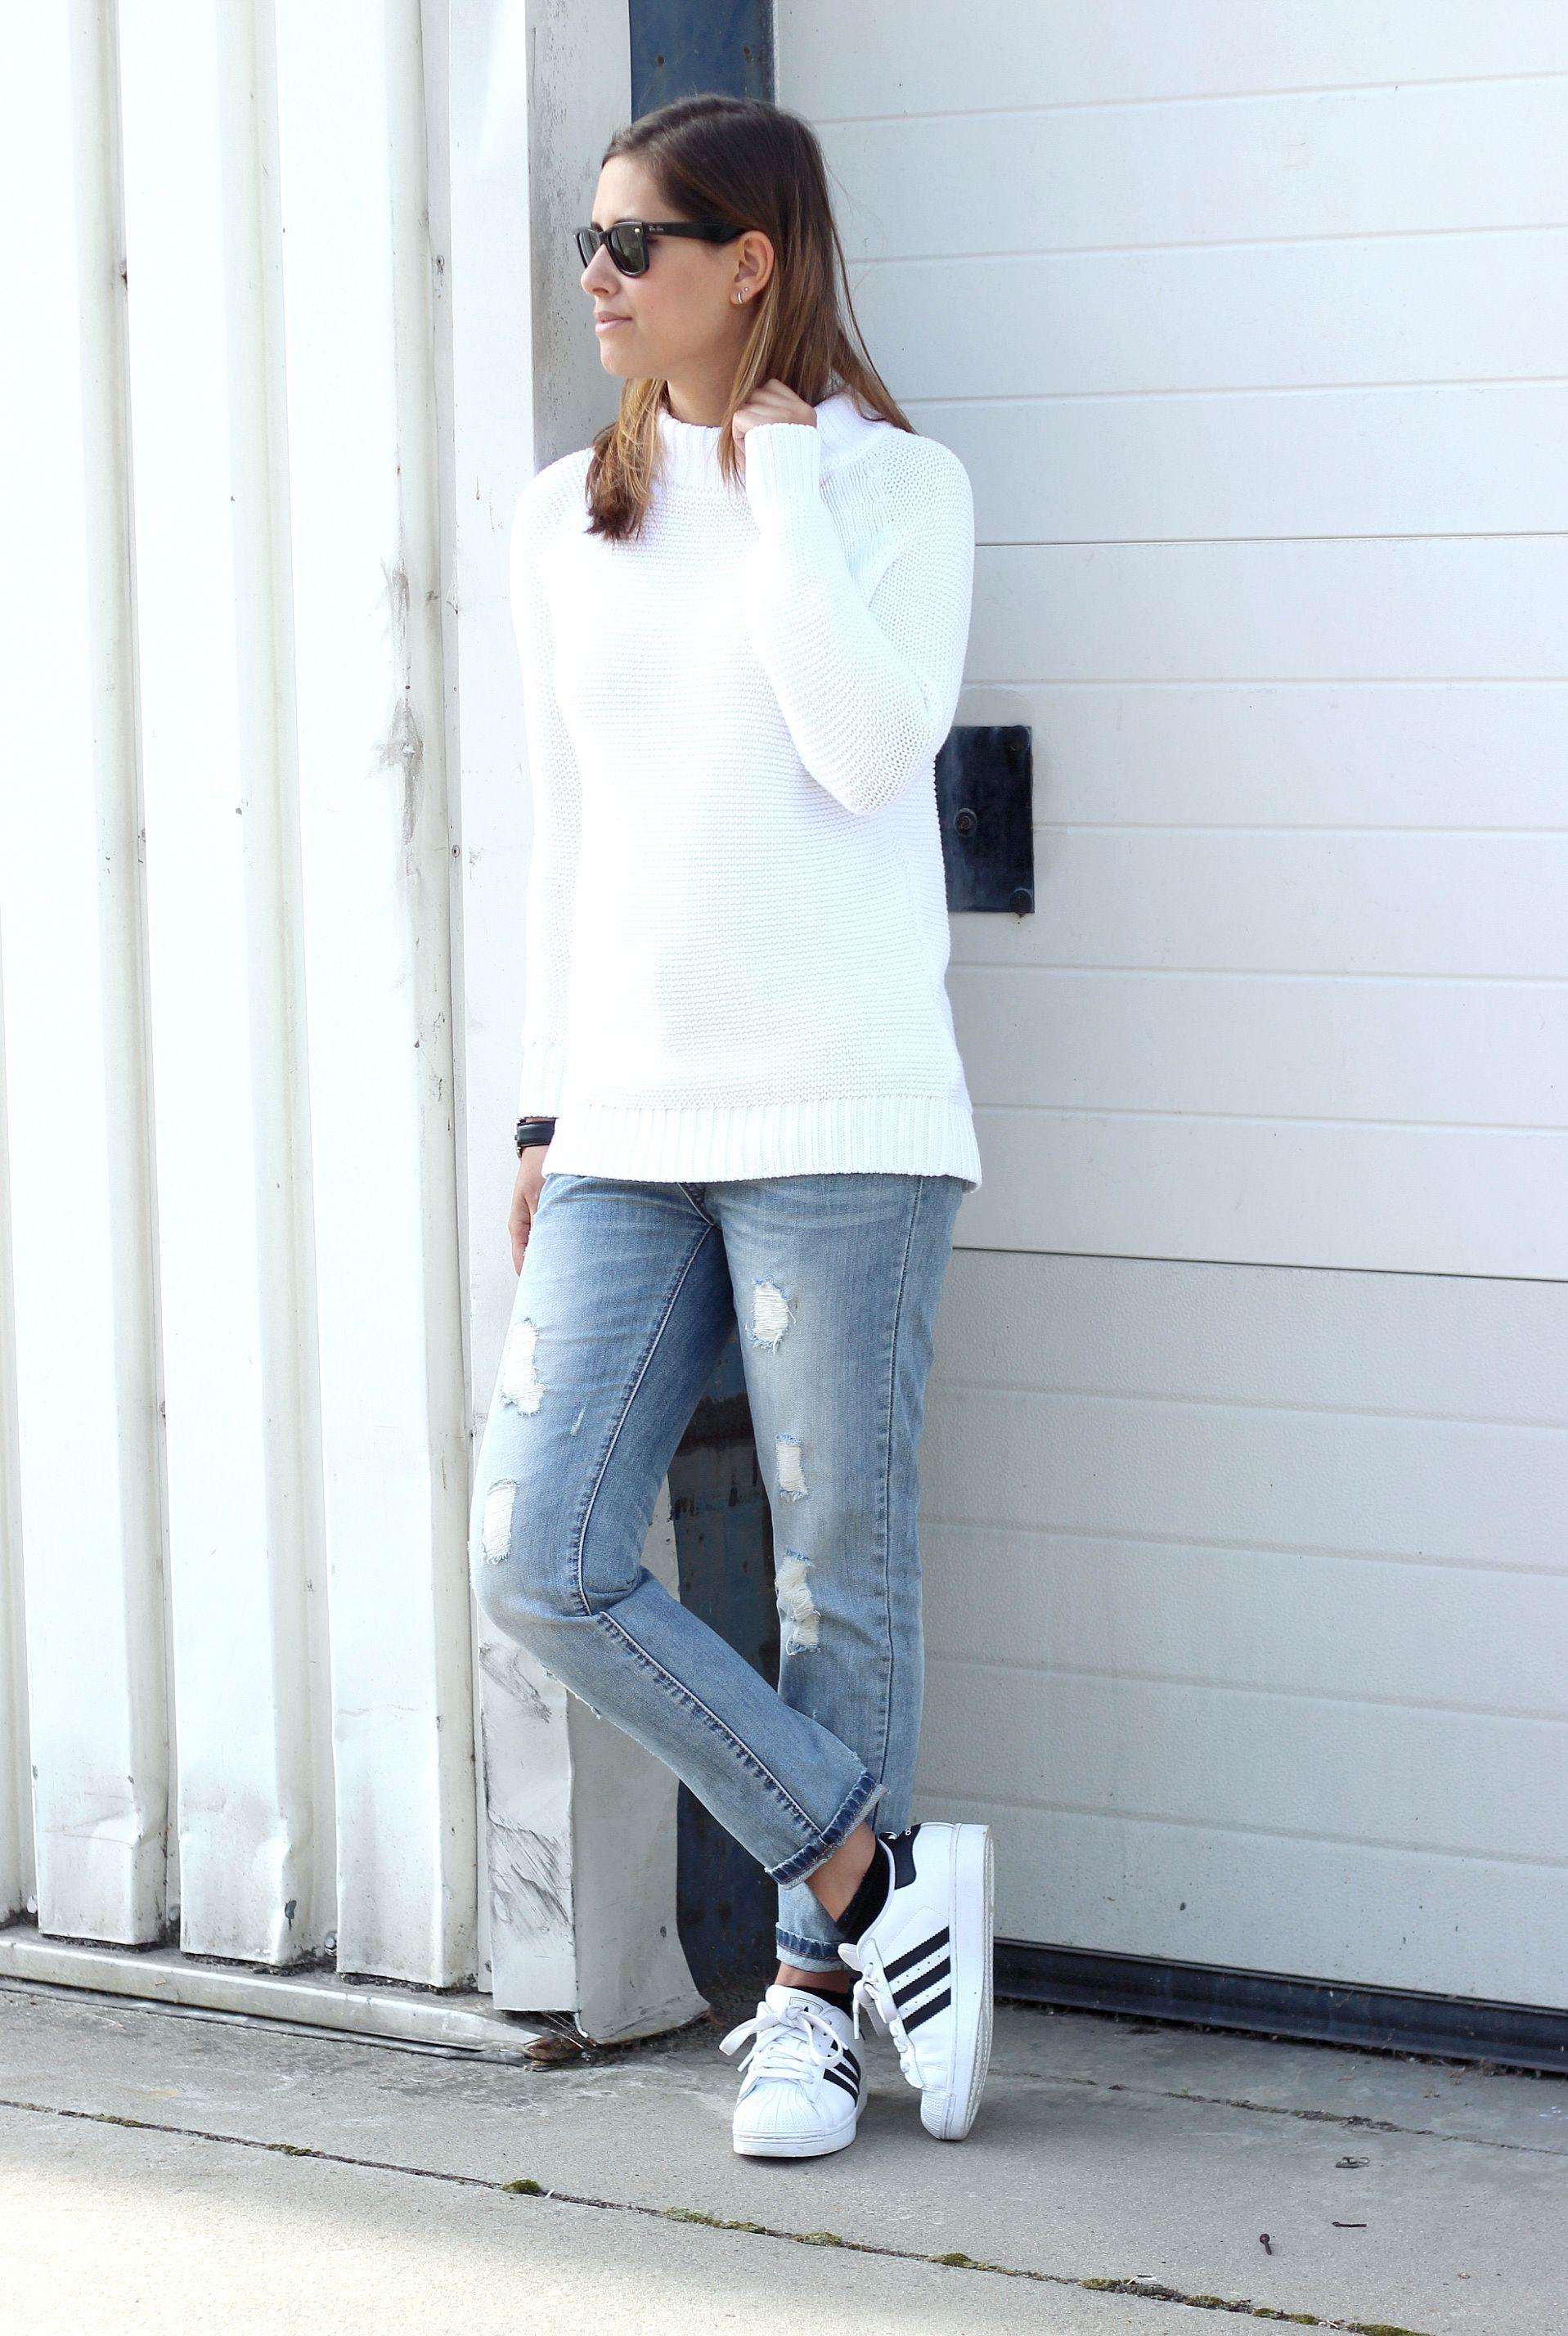 Pólvora Identidad trigo  OUTFIT: White + denim | Shout-out to you: OUTFIT: White + denim | White  sneakers outfit, Superstar outfit, Adidas superstar white